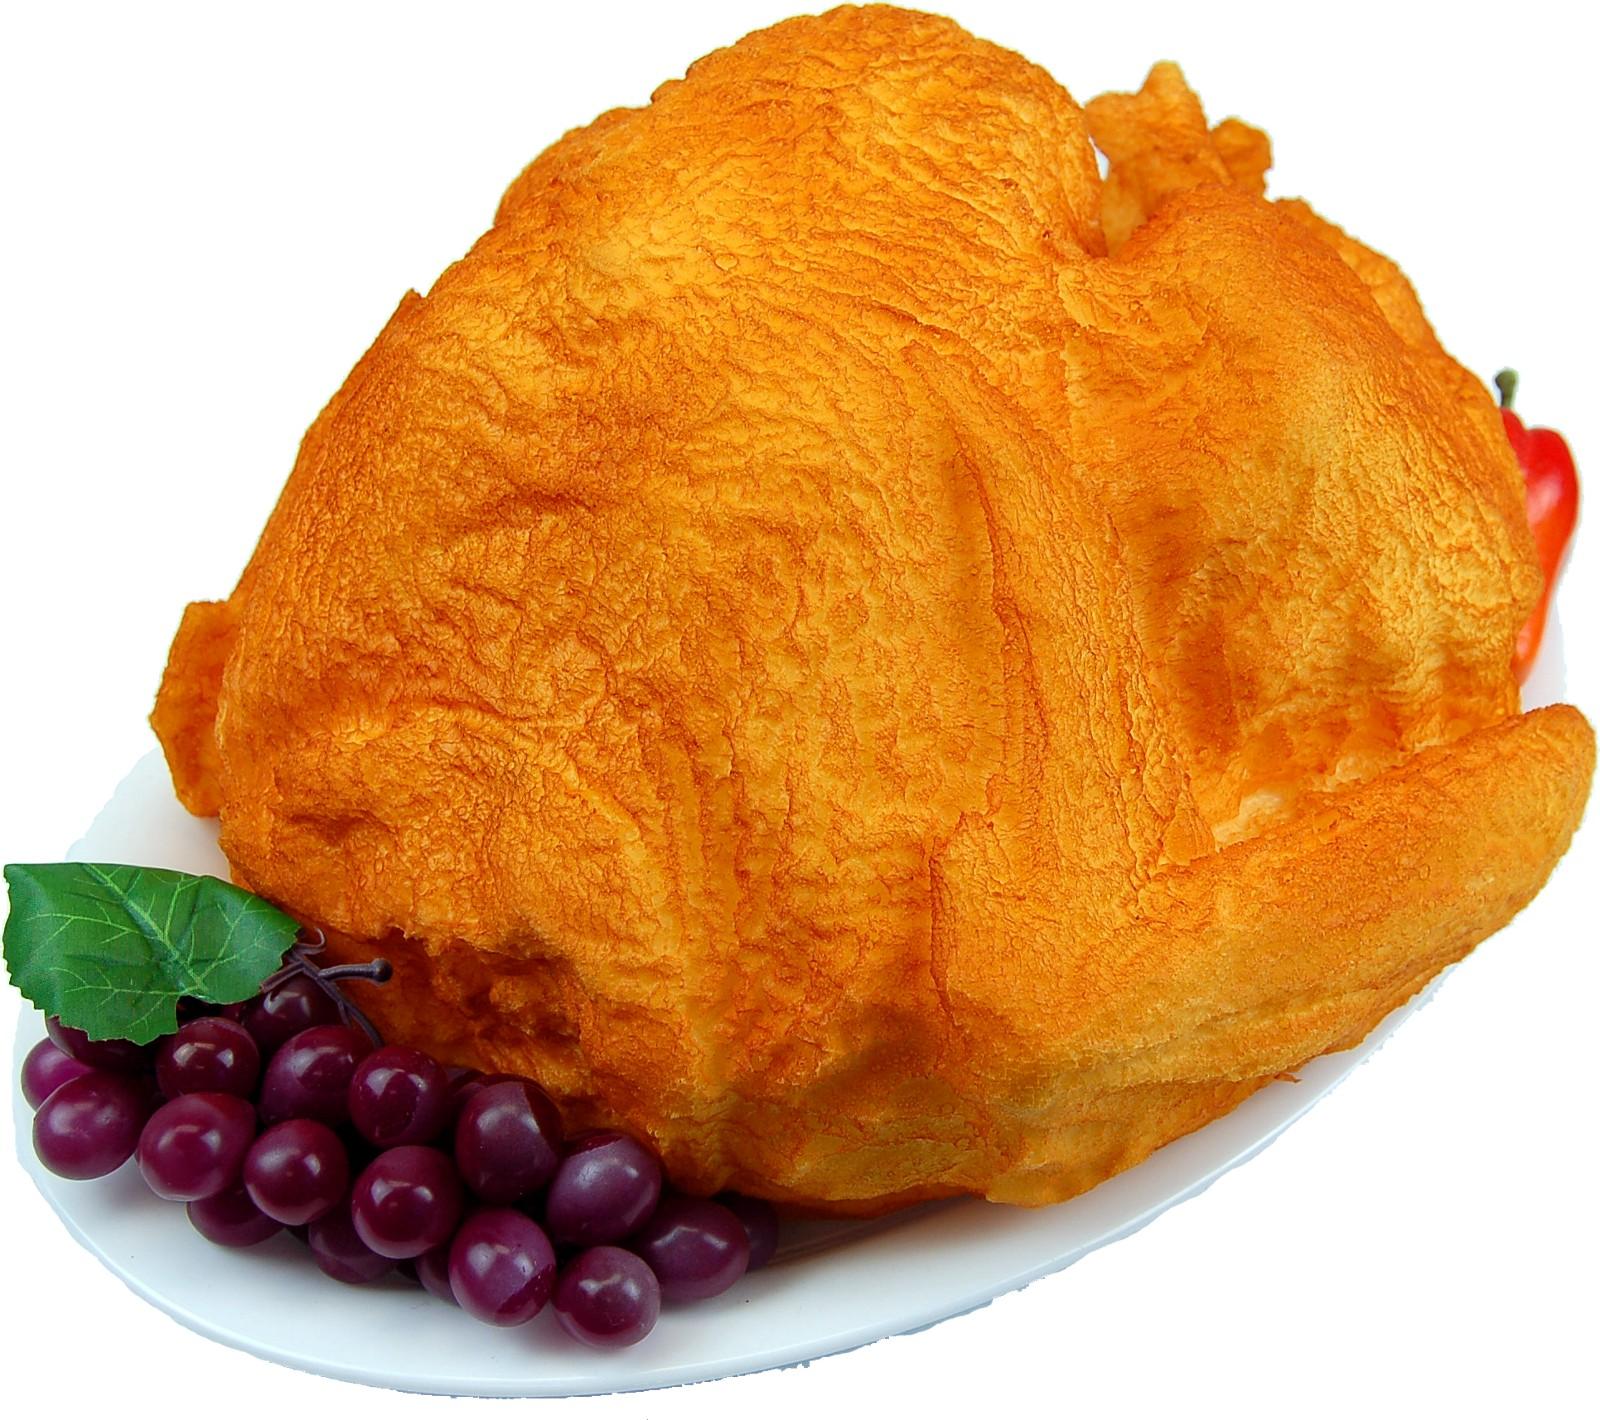 Turkey Baked Fake Food Oval Tray C